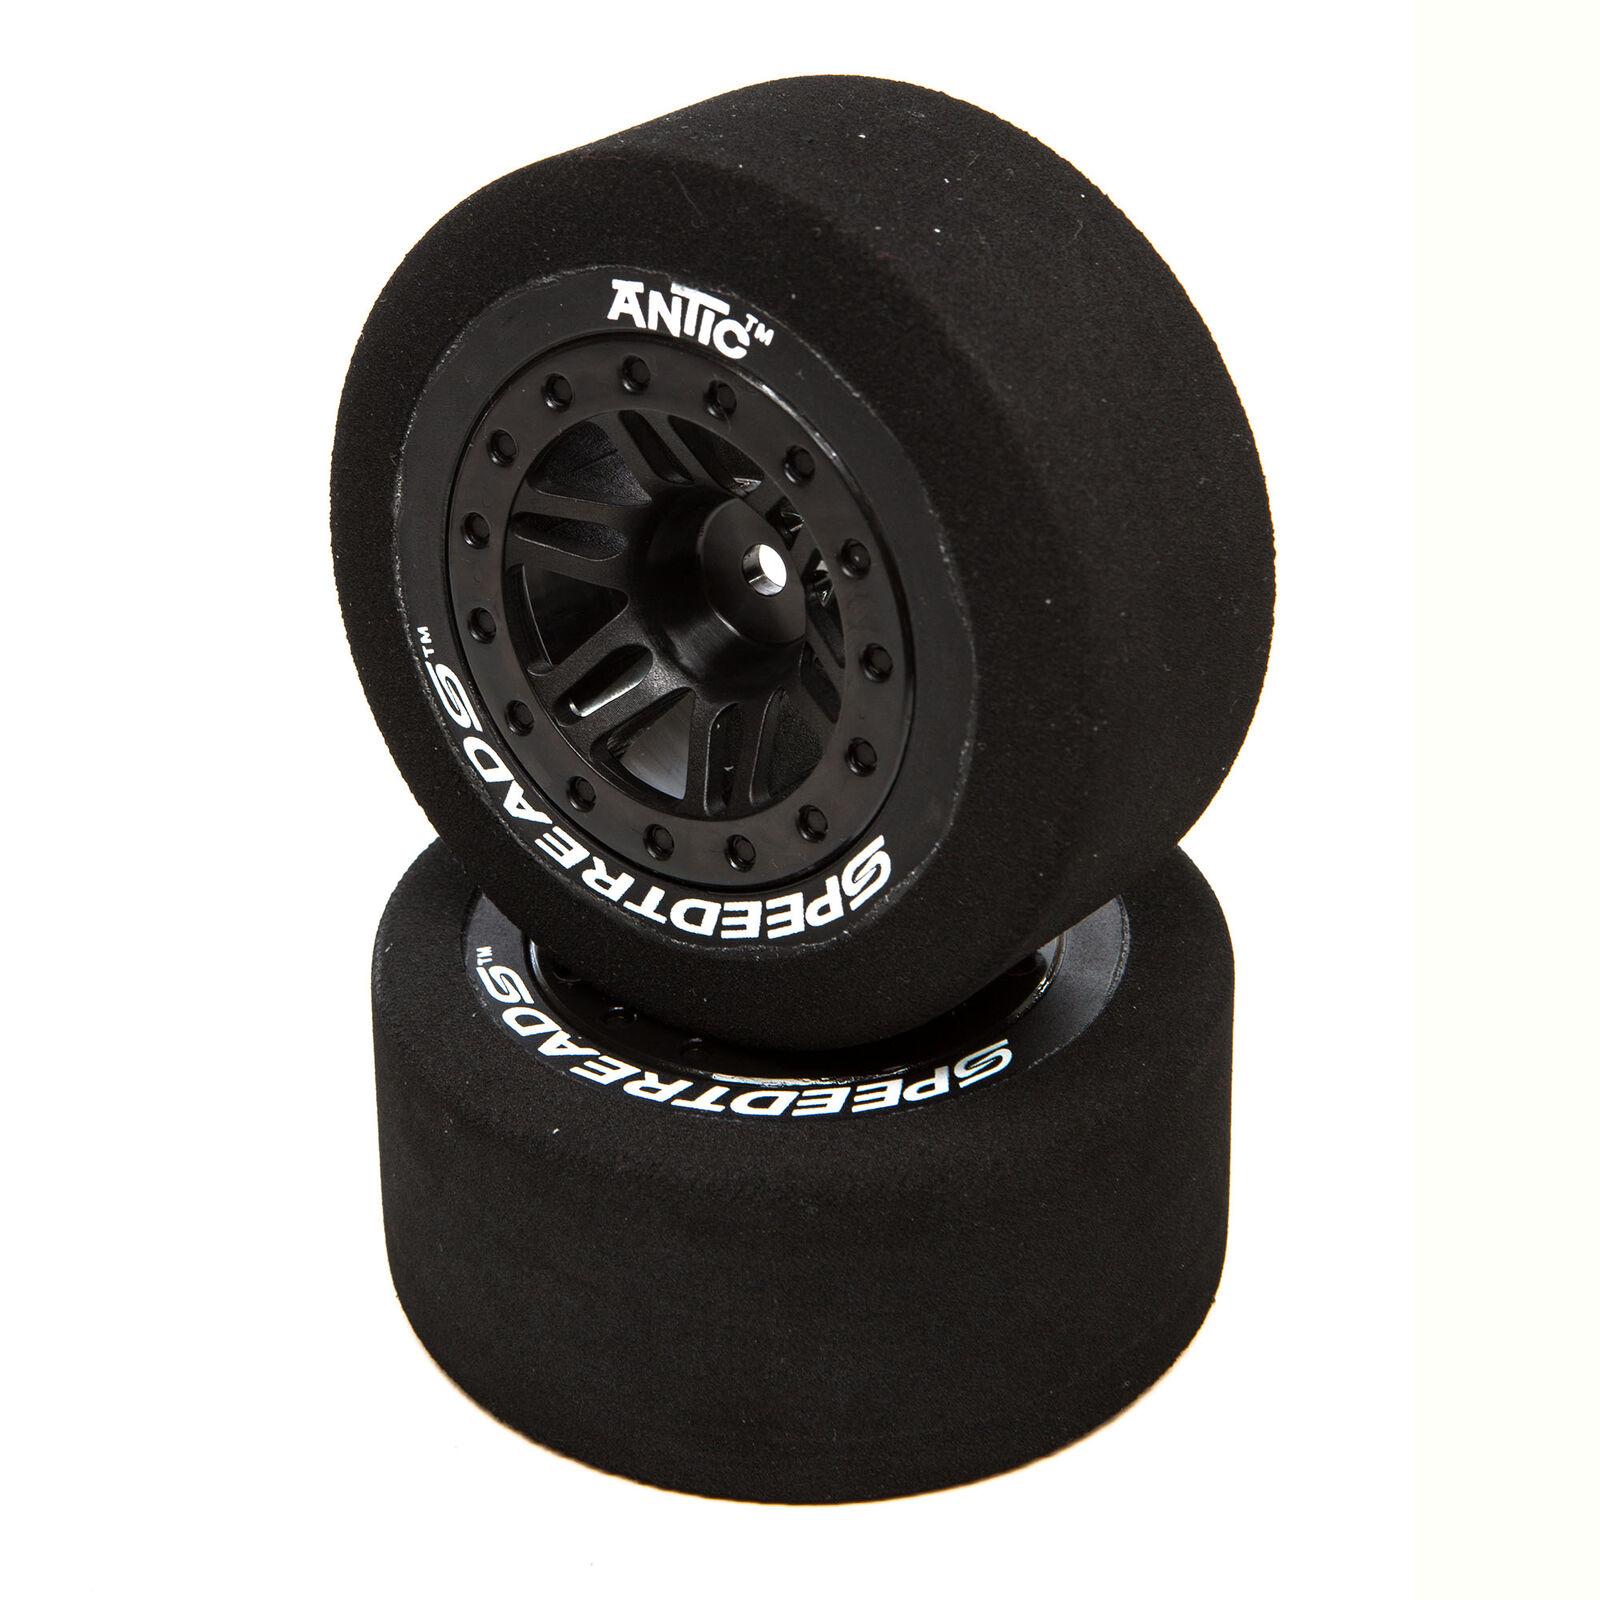 SpeedTreads Antic Foam SC Front Rear Mounted (2): Traxxas Slash/Rustler, ECX 4X4